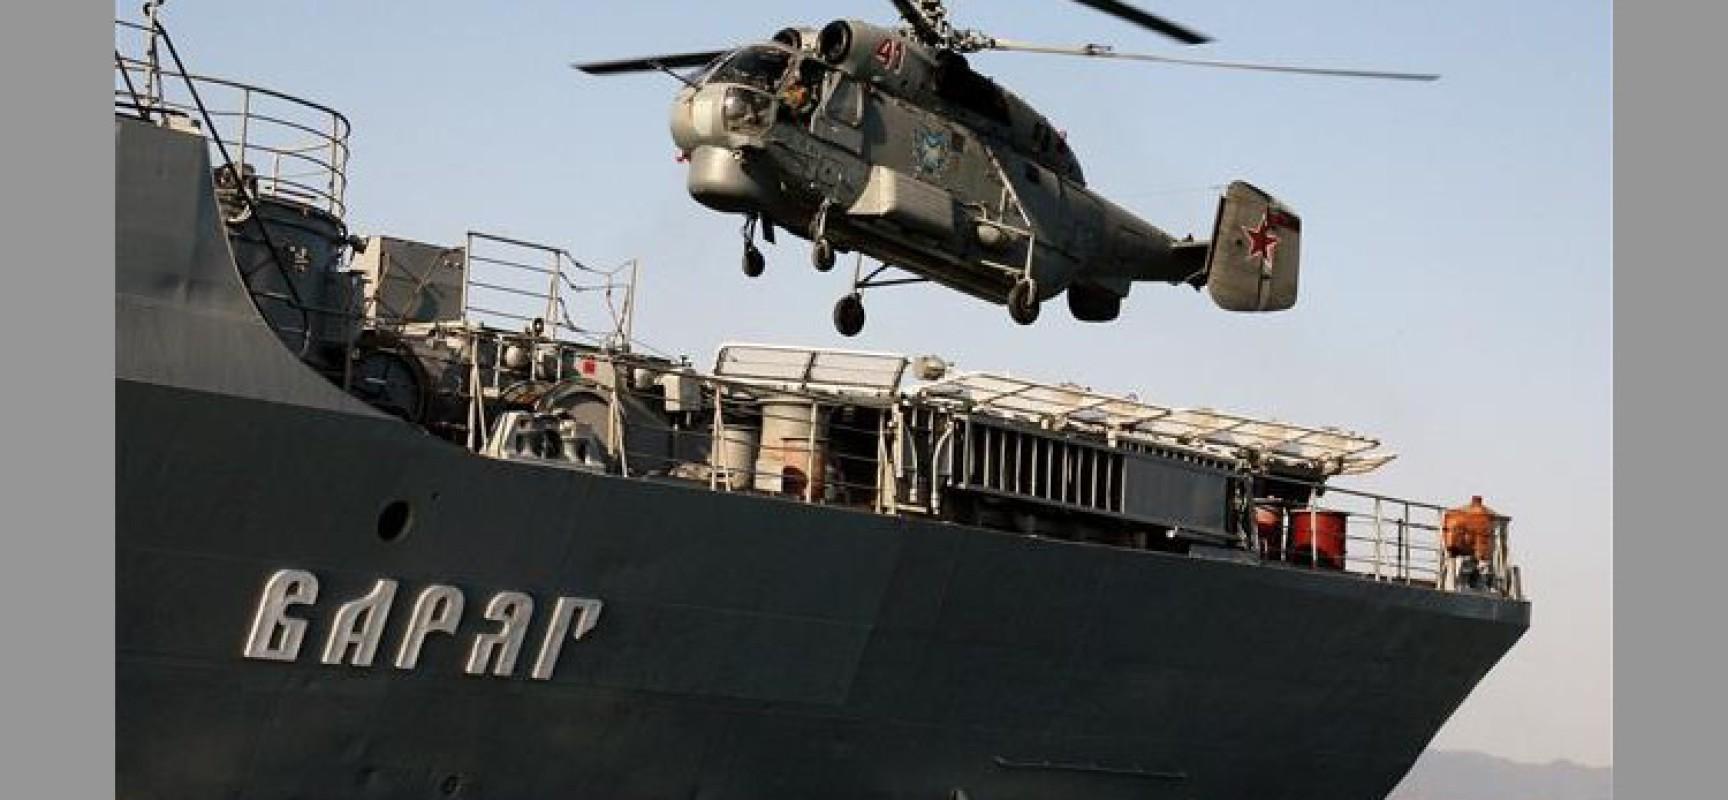 Flotte russe en Corée du Sud : vers un autre front russo-US ?